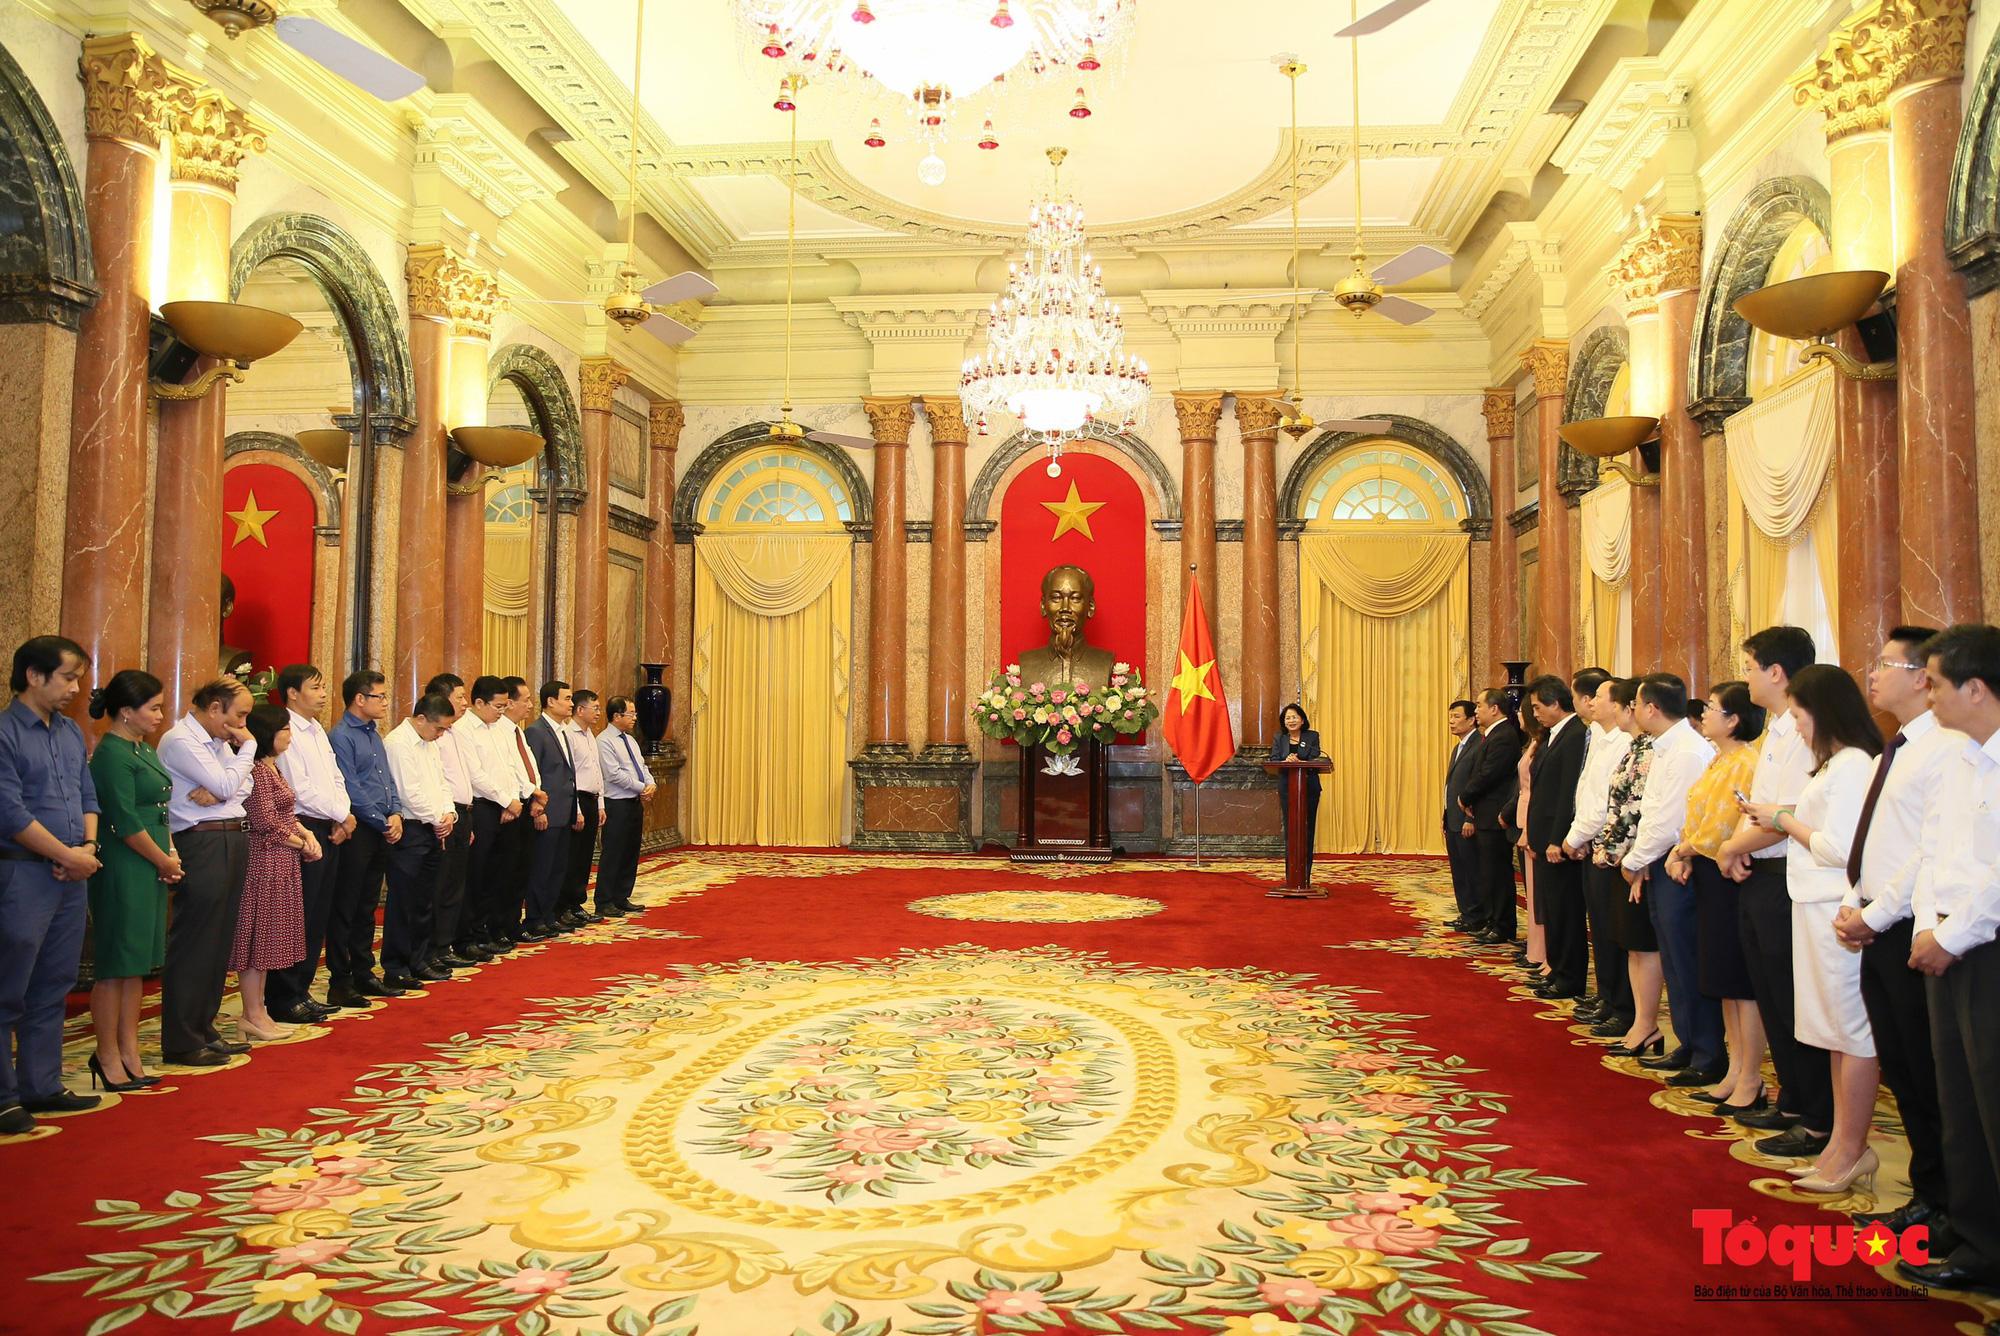 Thứ trưởng Bộ VHTTDL Lê Khánh Hải được bổ nhiệm làm Phó Chủ nhiệm Văn phòng Chủ tịch nước - Ảnh 1.